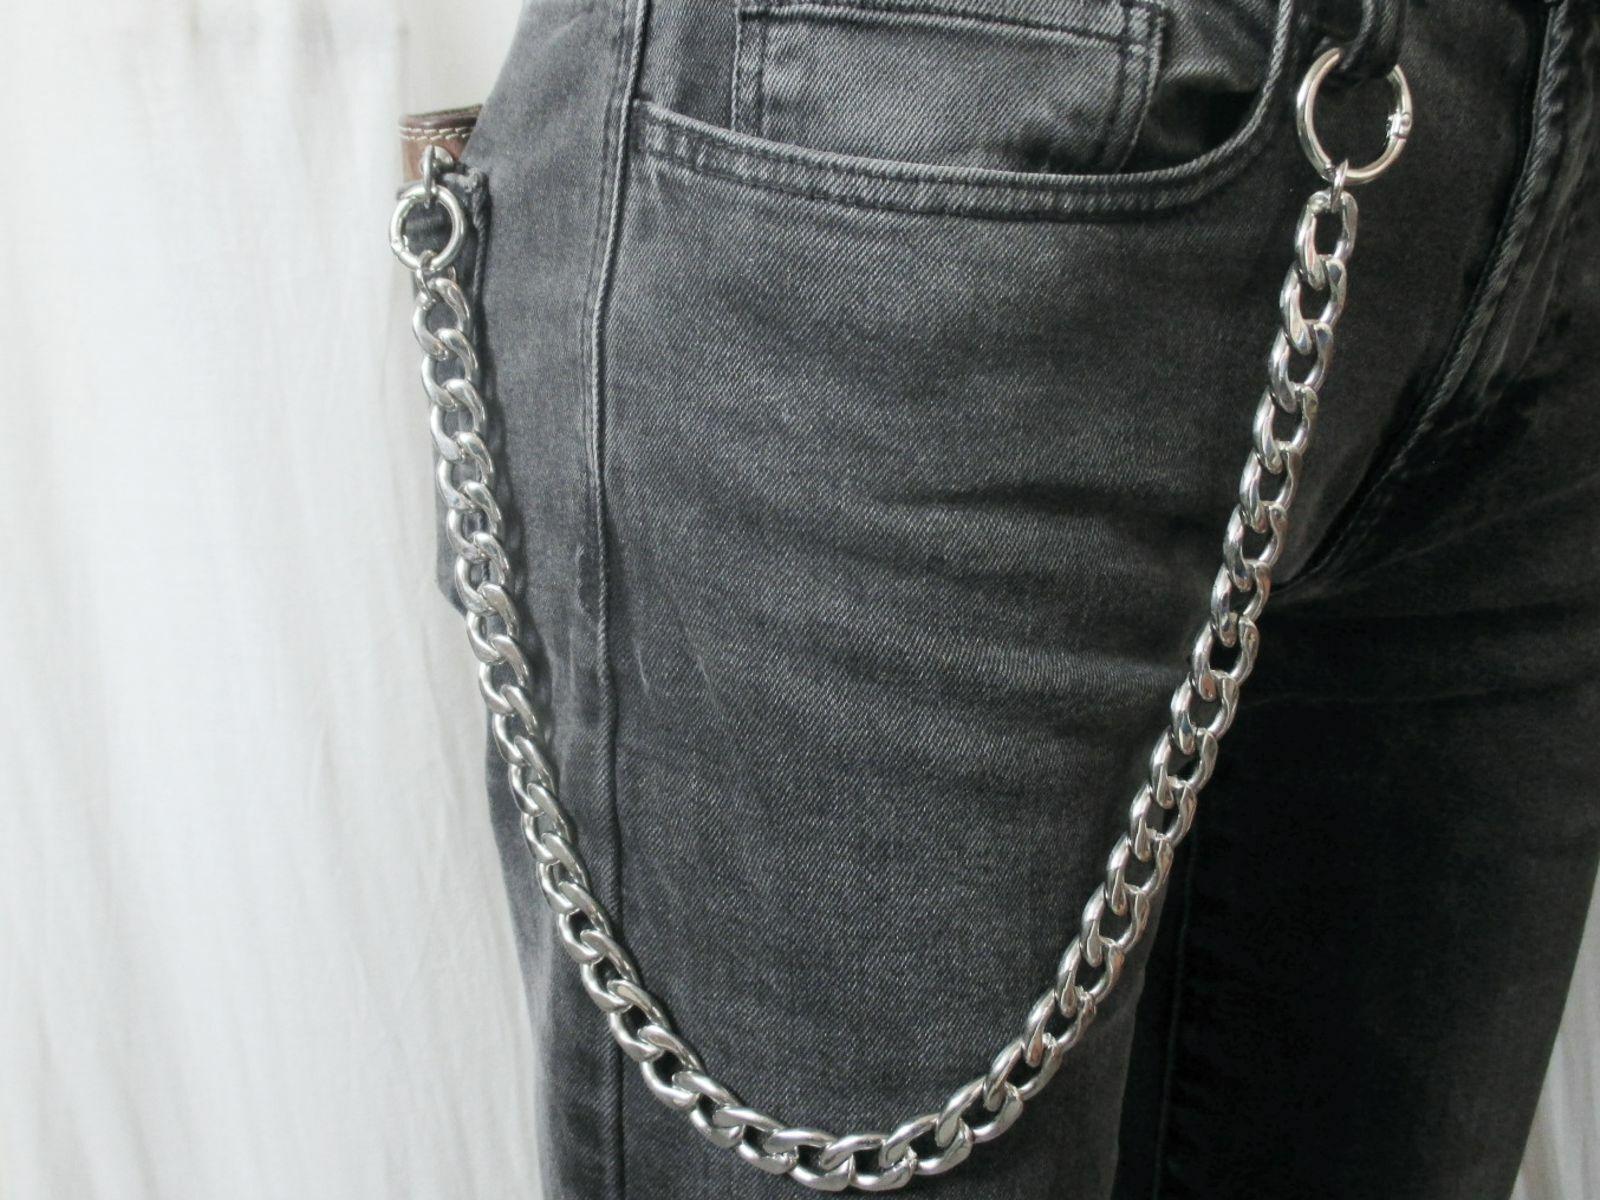 Hosenkette aus Edelstahl mit Ringkarabiner Biker Börsenkette Schlüsselkette